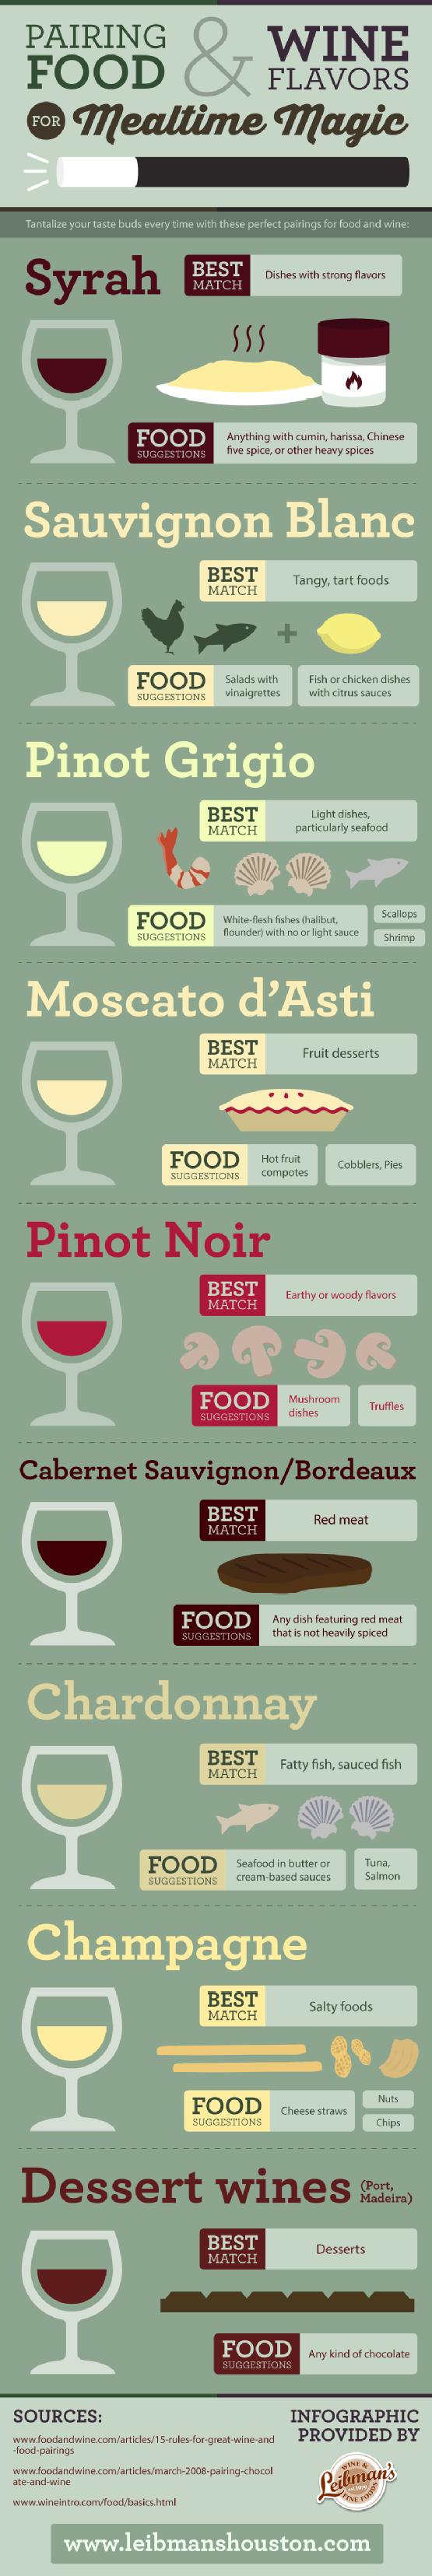 wine pairing info